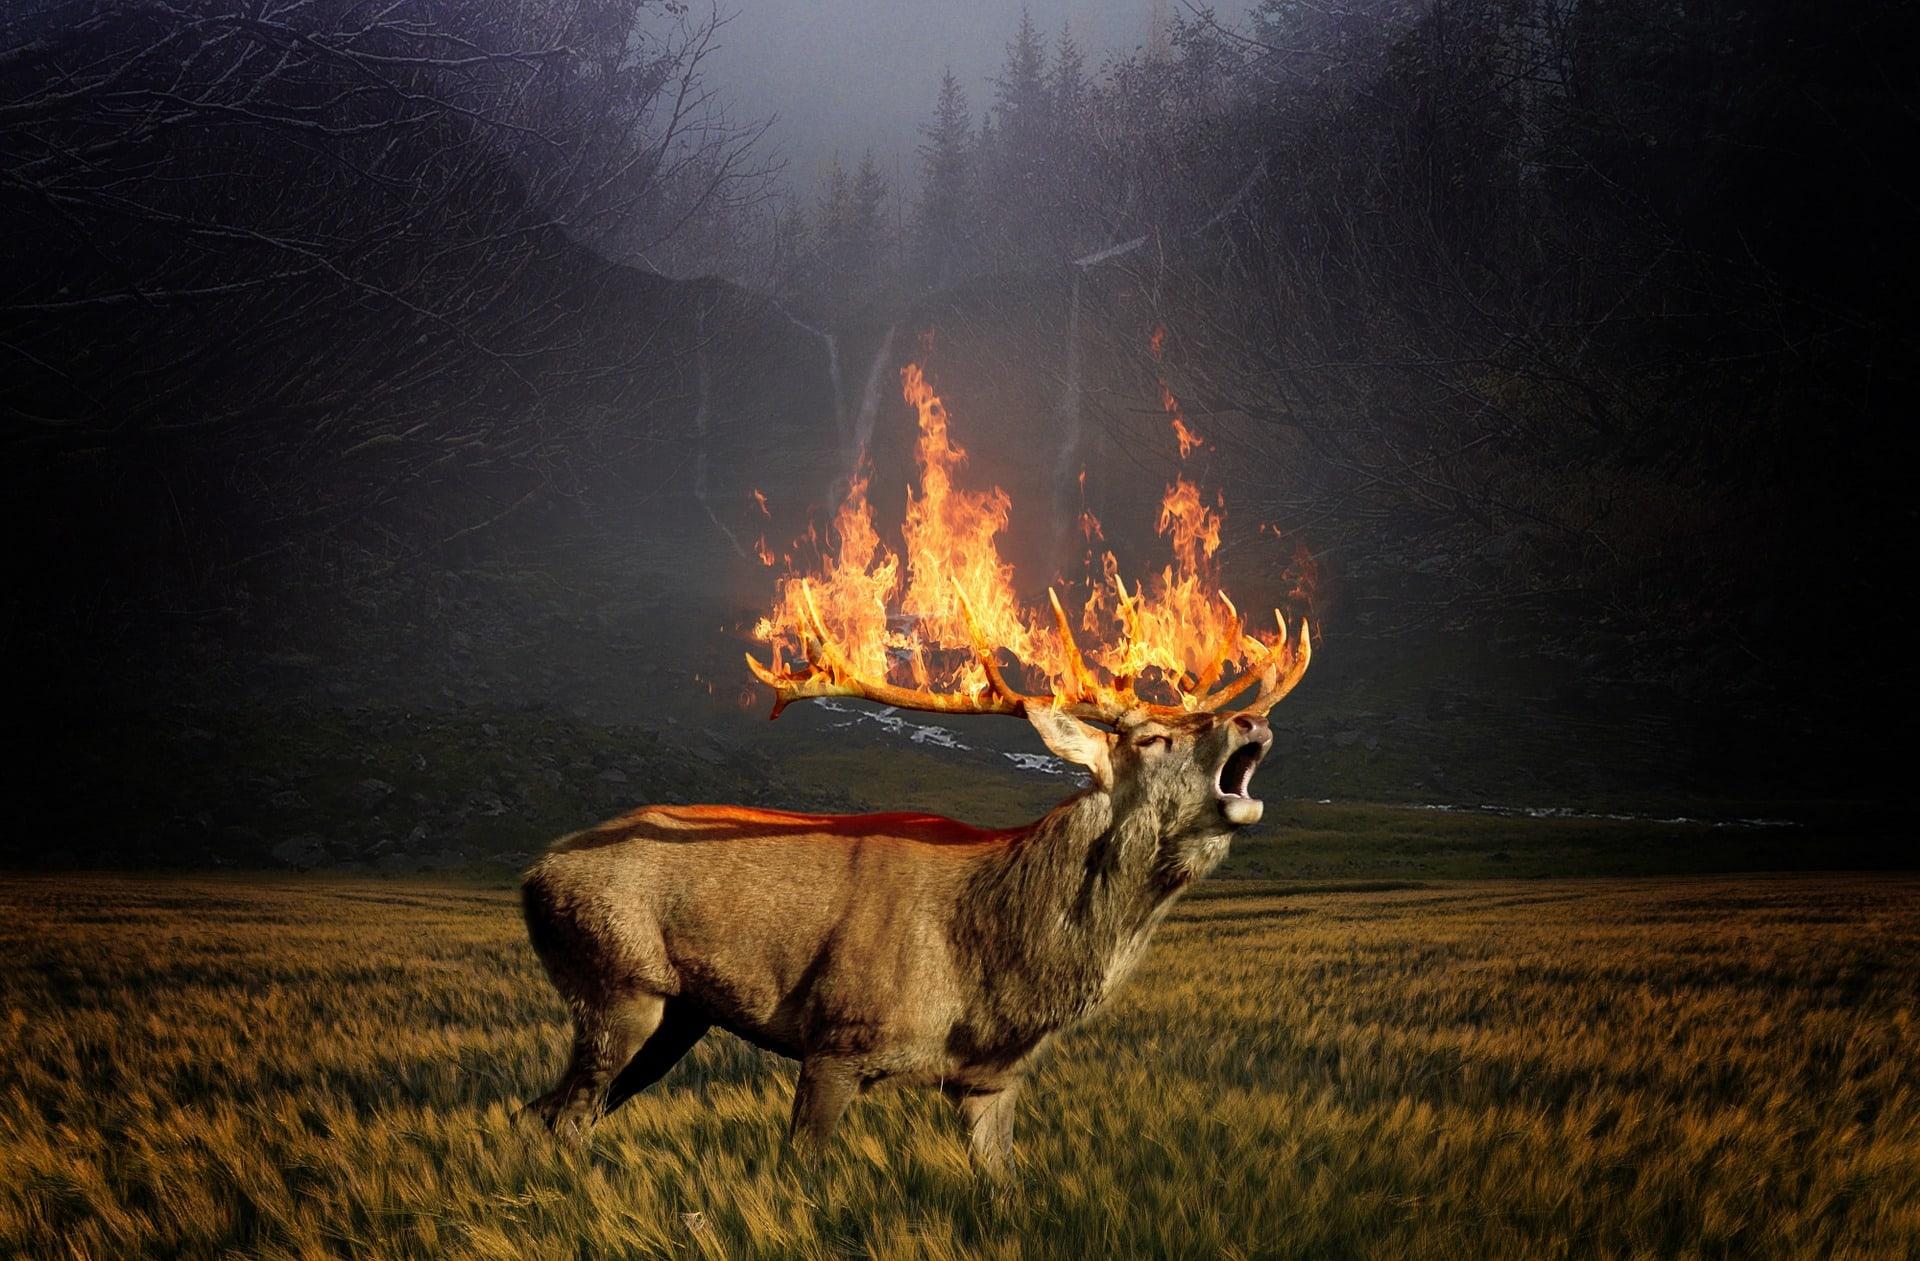 Ekstremni požari vsako leto divjajo pogosteje in trajajo dlje